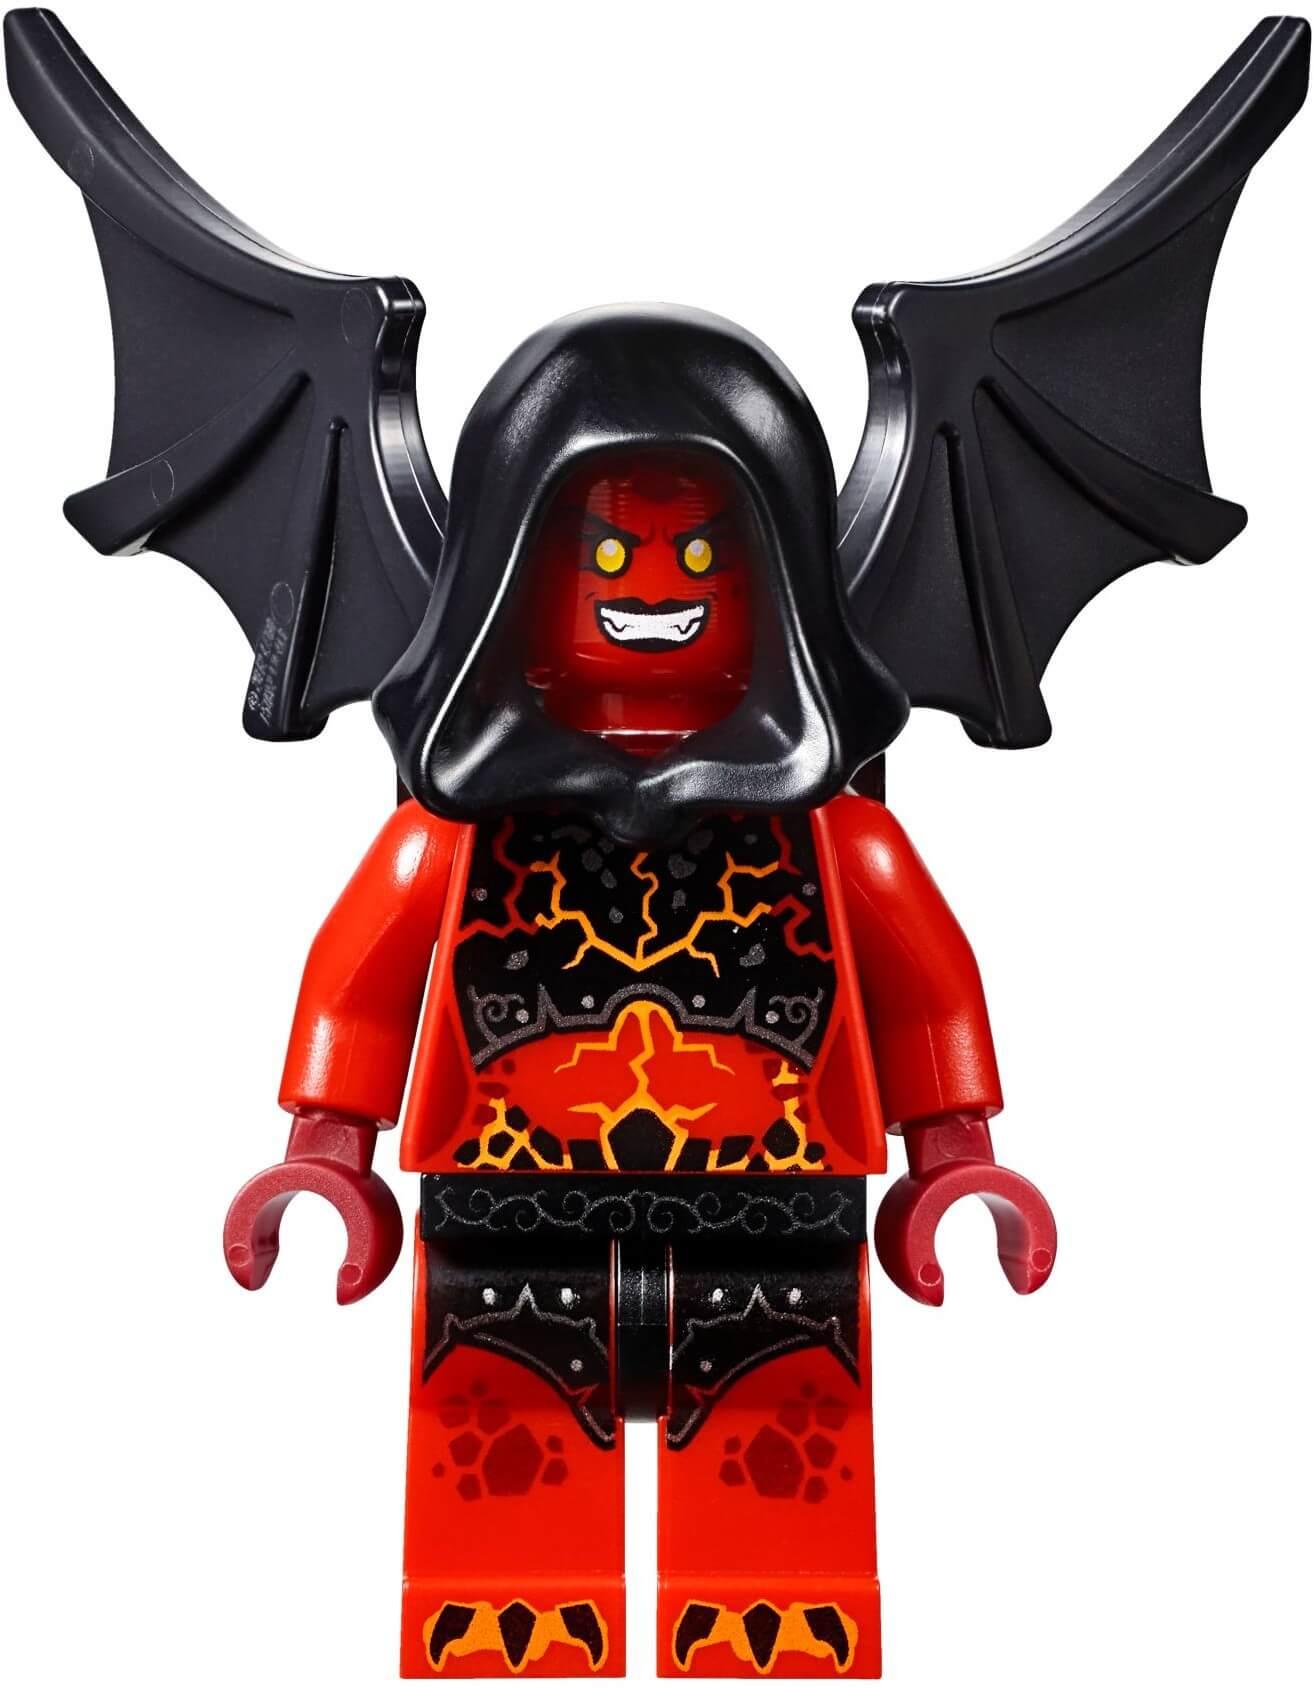 Mua đồ chơi LEGO 70335 - LEGO Nexo Knights 70335 - Chúa tể Lavaria hùng mạnh (LEGO Nexo Knights Ultimate Lavaria 70335)